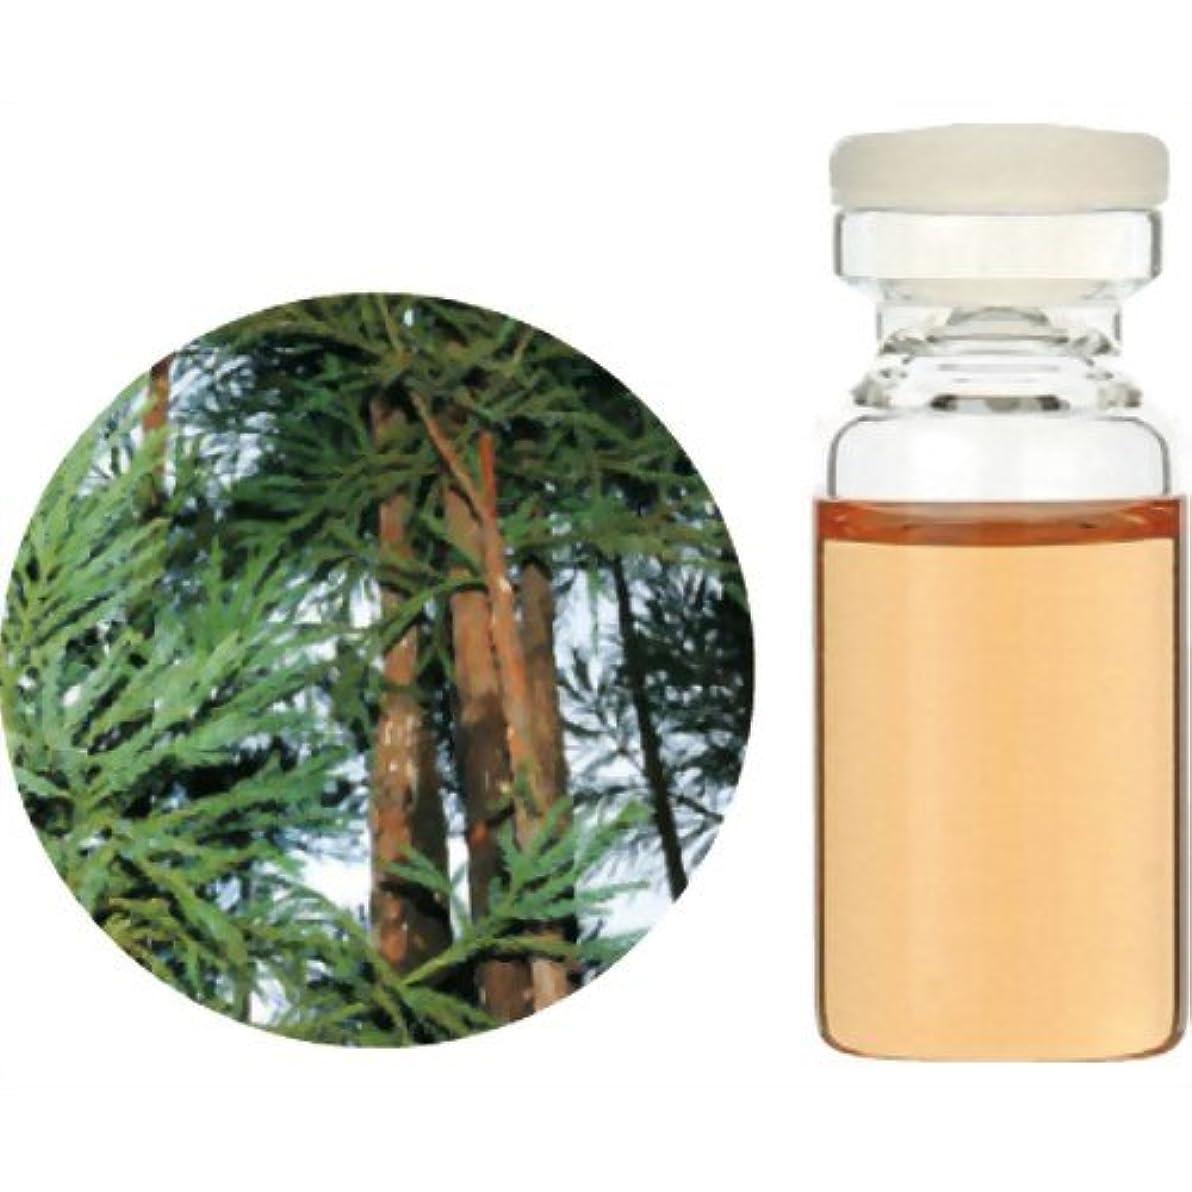 ファイナンスタブレット髄生活の木 Herbal Life 和精油 杉 木部 3ml